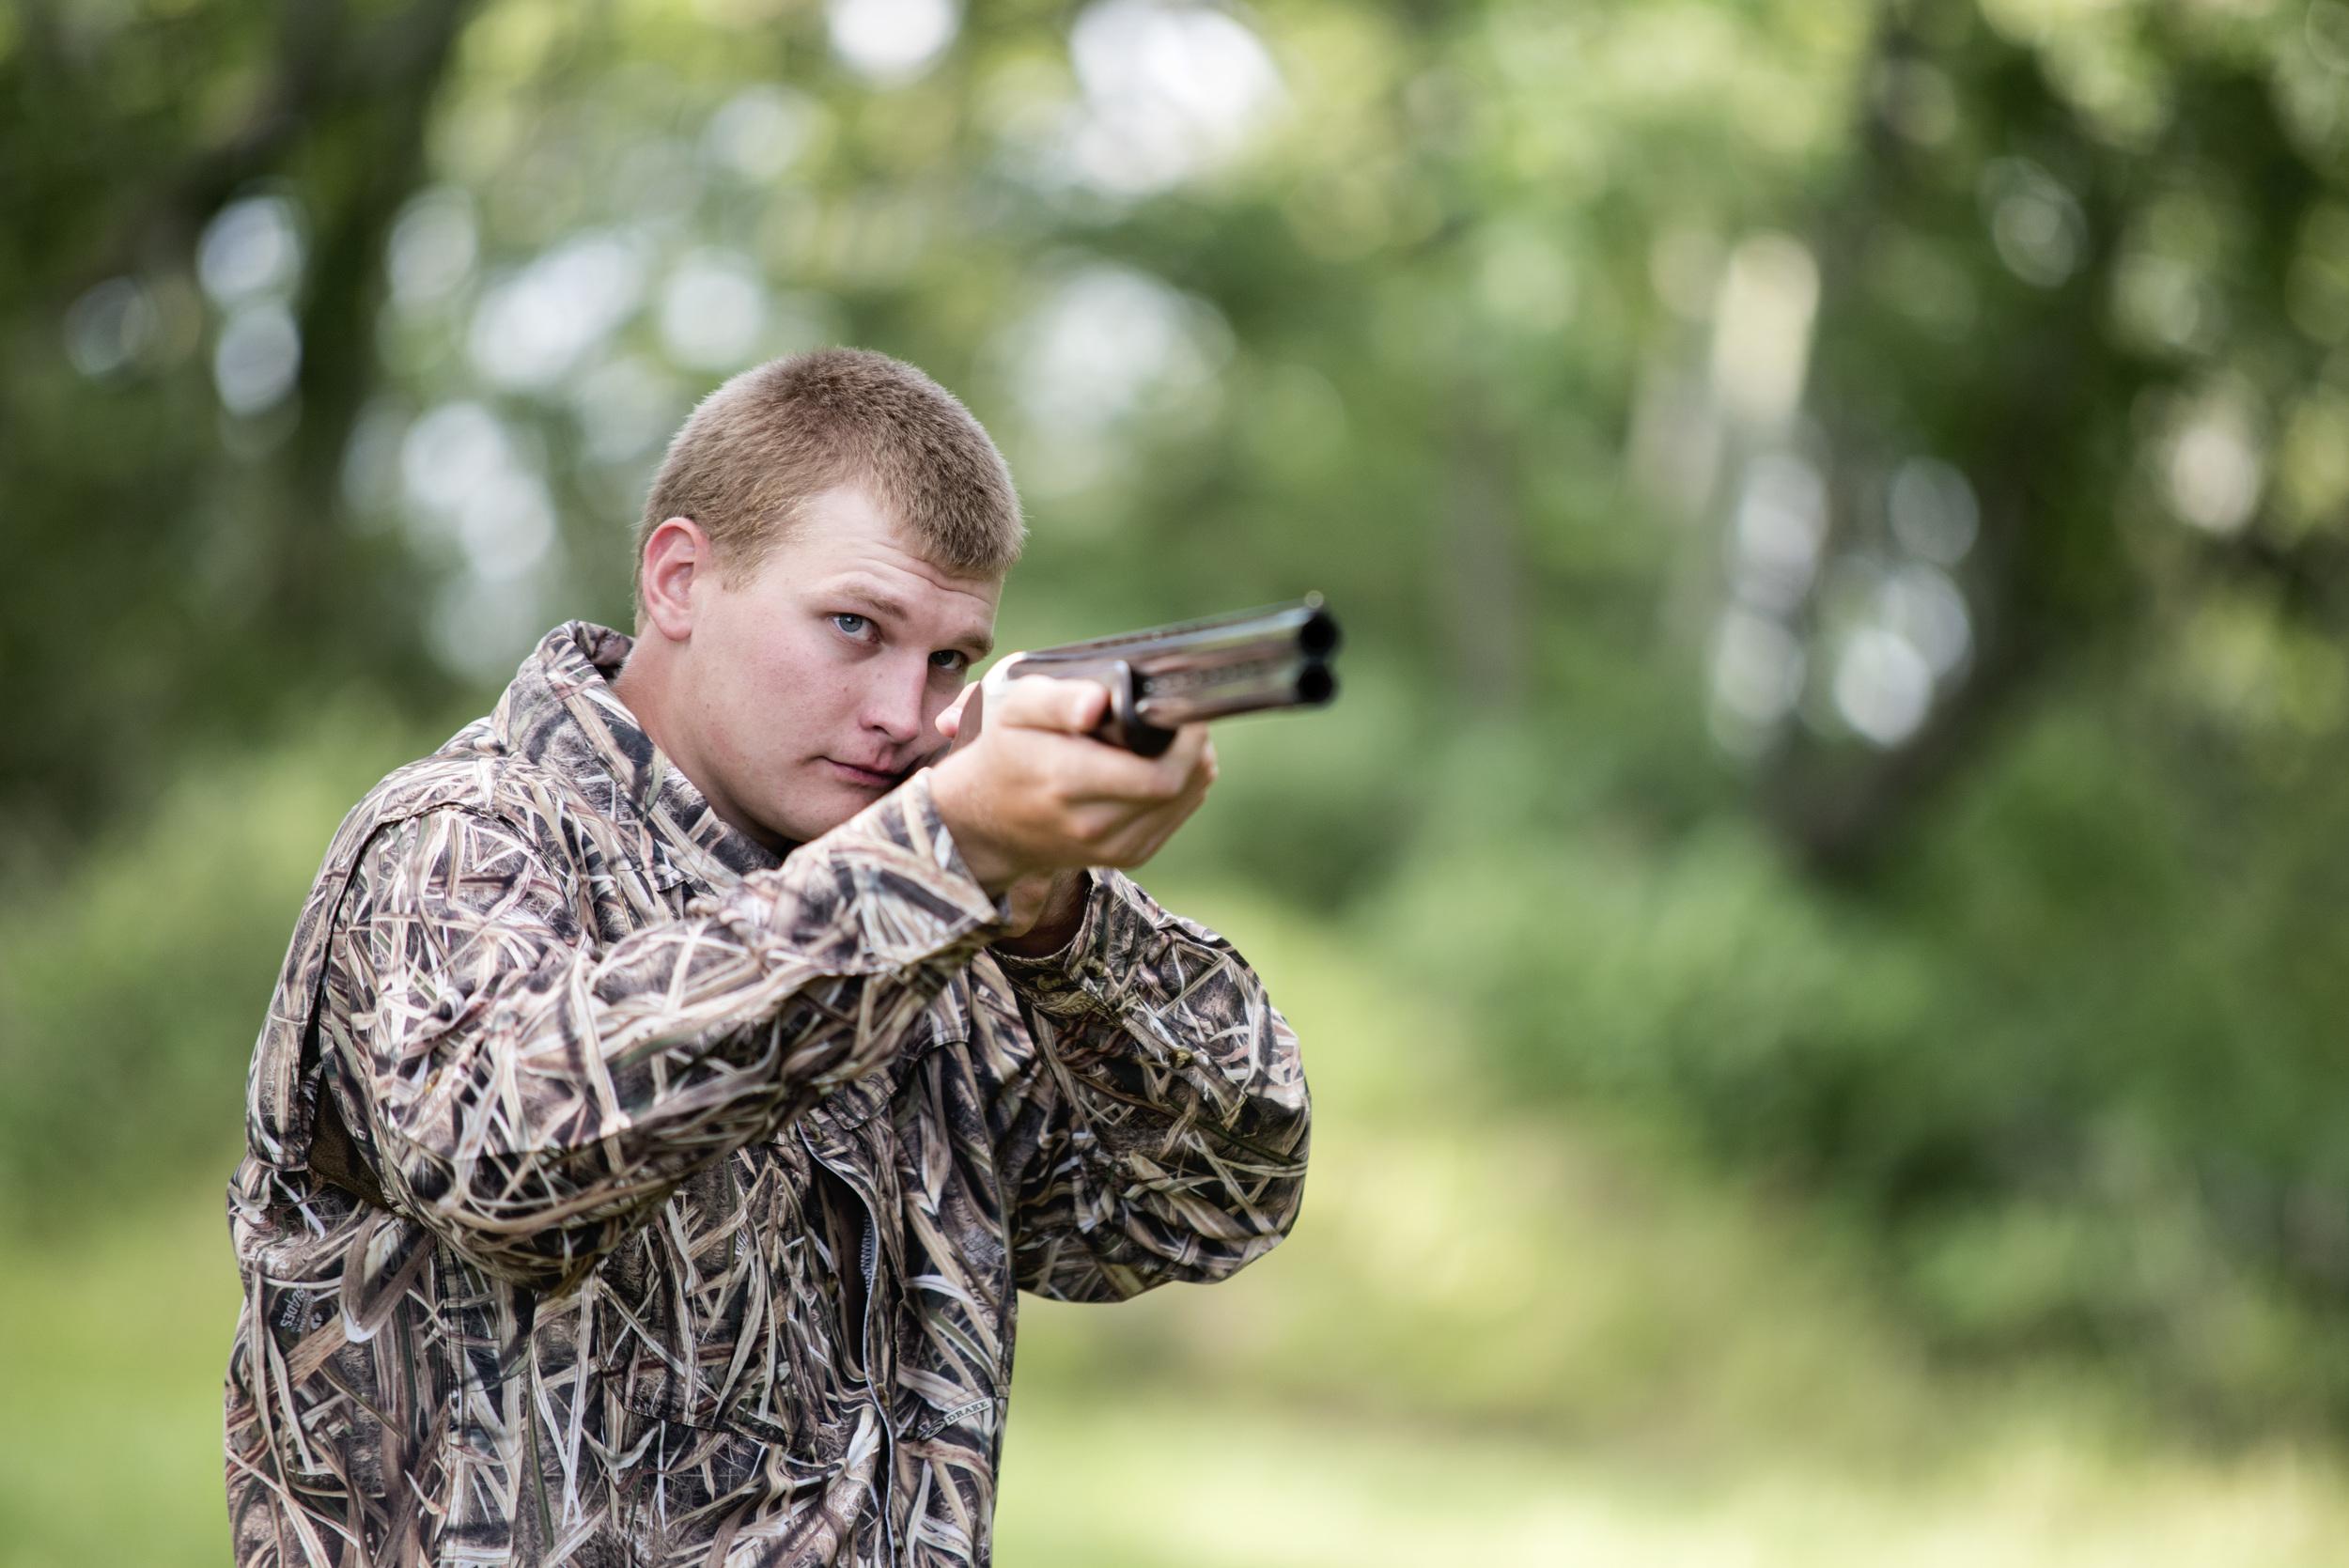 senior boy photos with gun